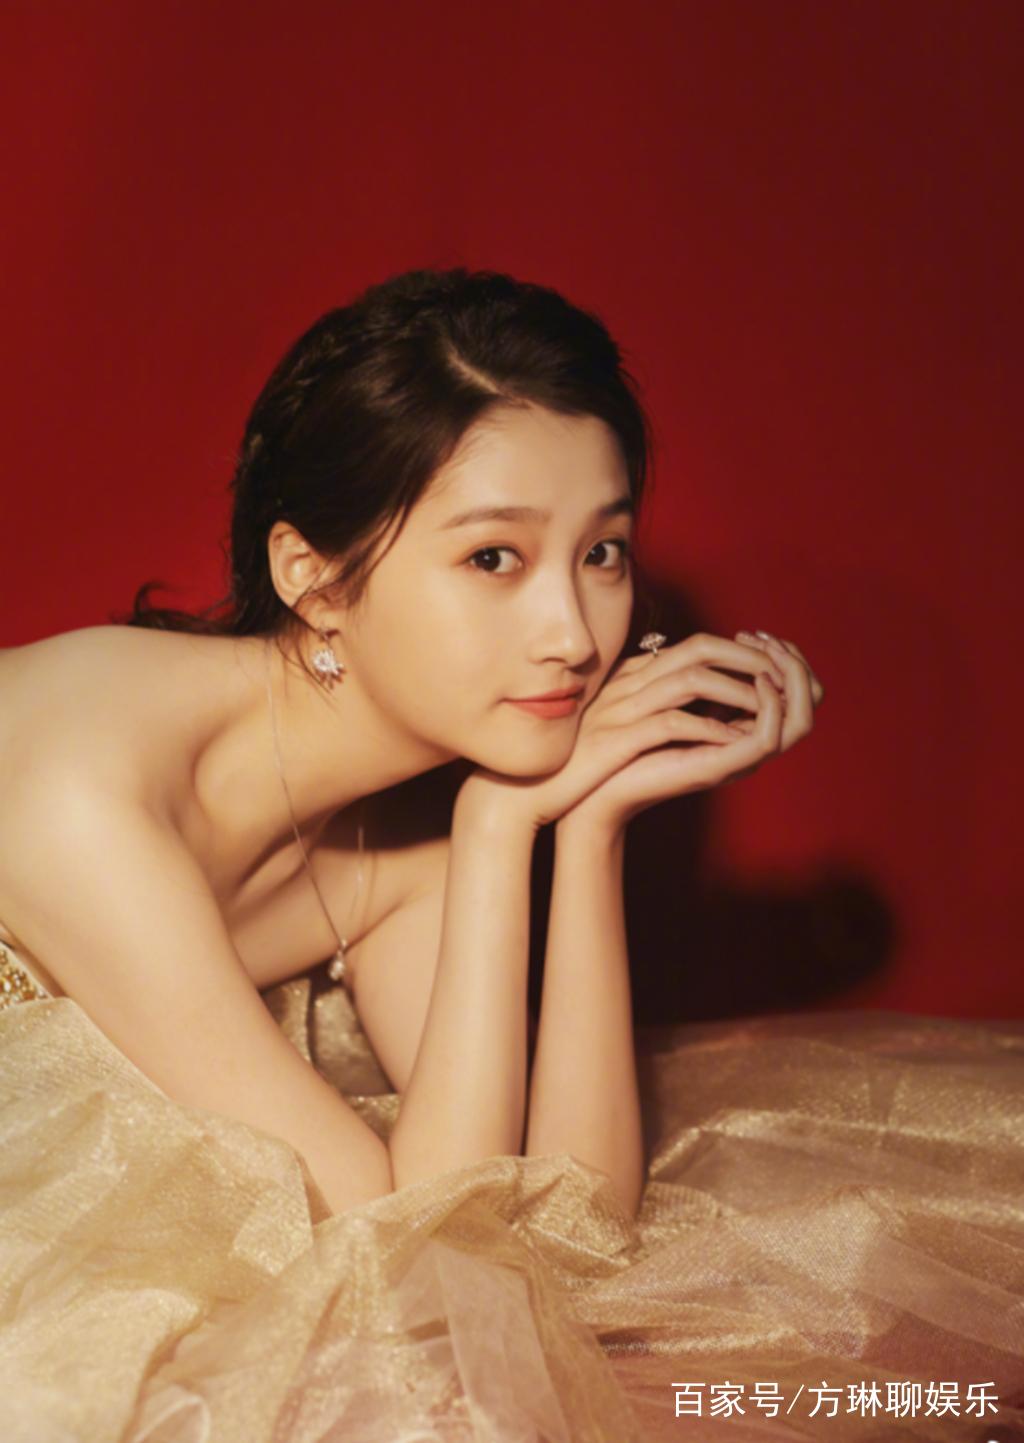 关晓彤亭亭玉立的形象深入人心,她从国民闺女变身最具潜力演员